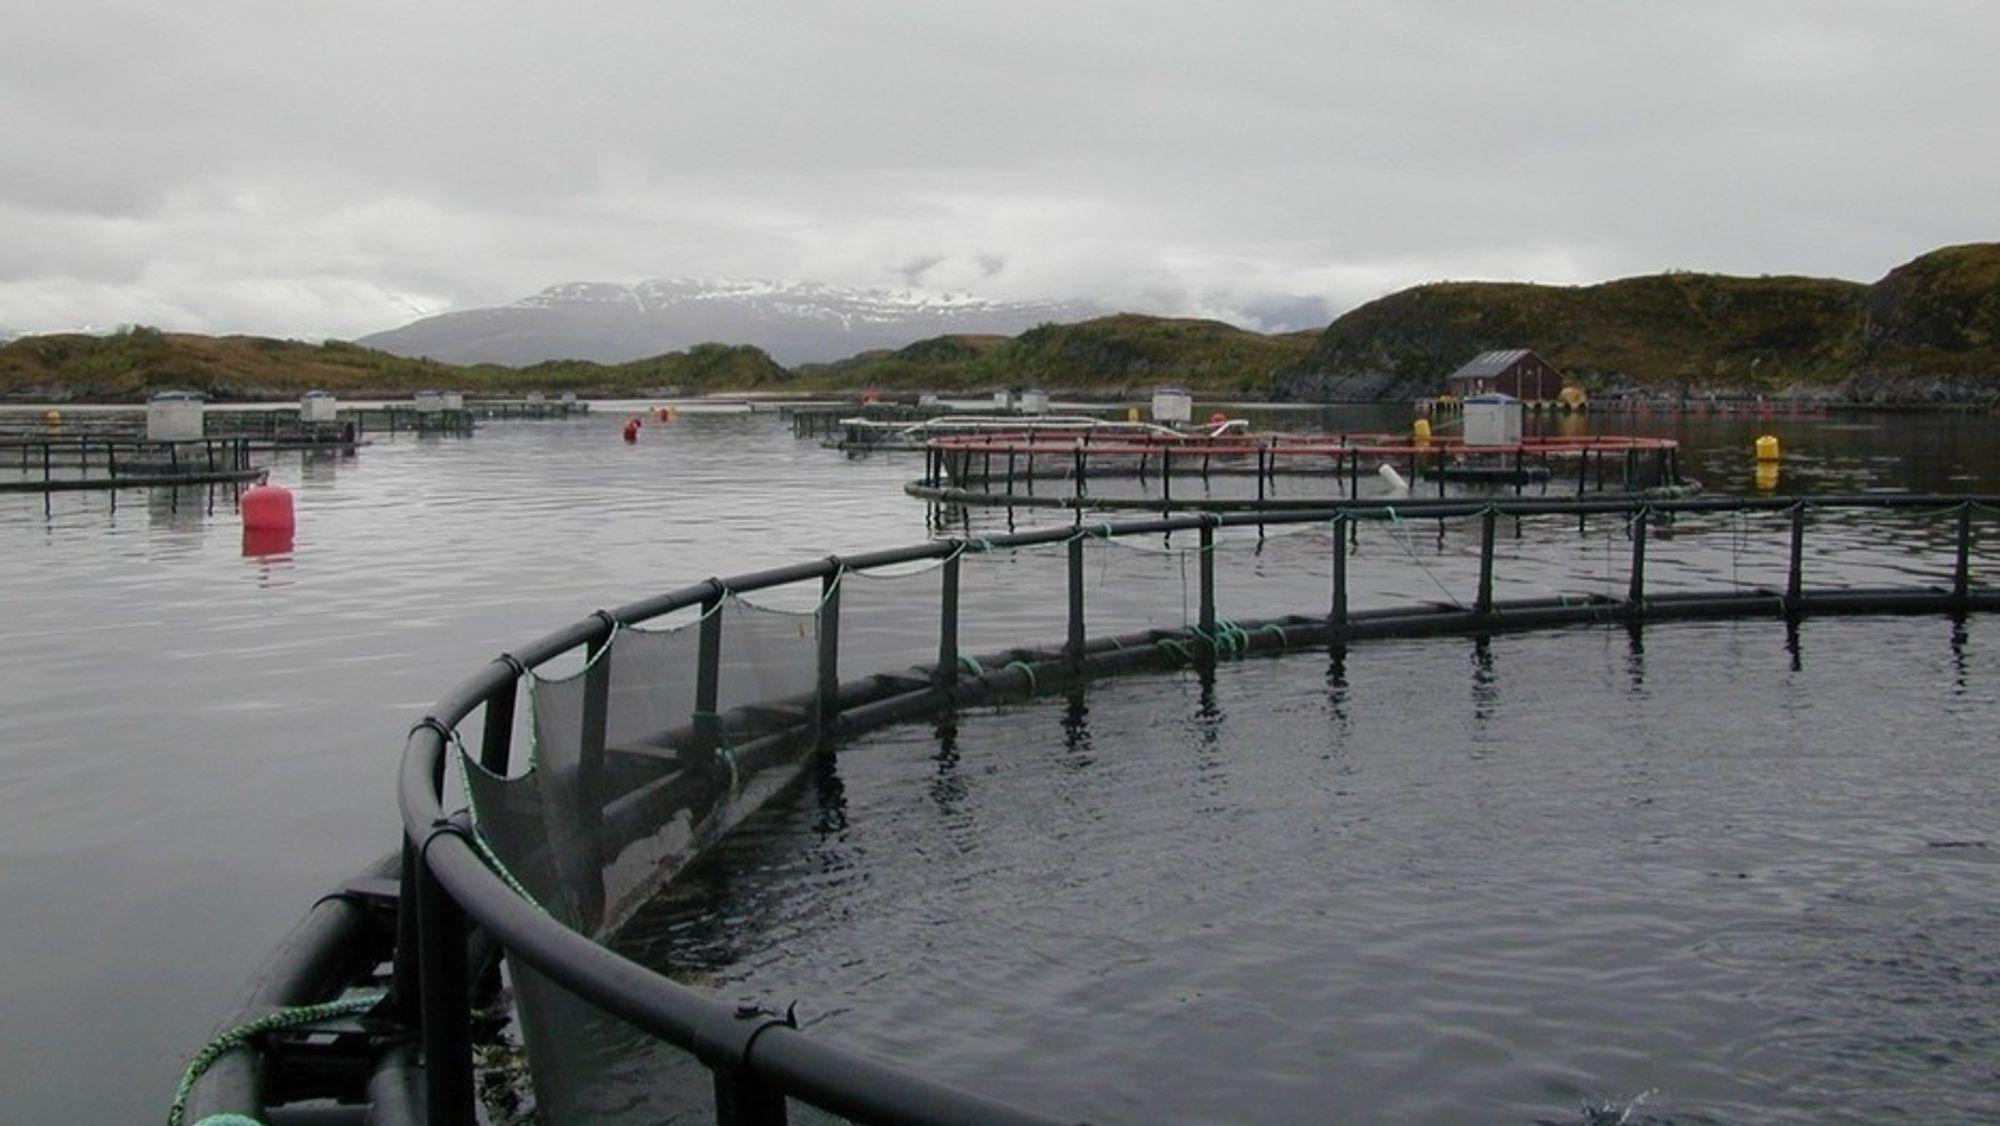 Det regjeringsutnevnte skatteutvalget foreslår å innføre grunnrentebeskatning for norsk oppdrettsnæring.